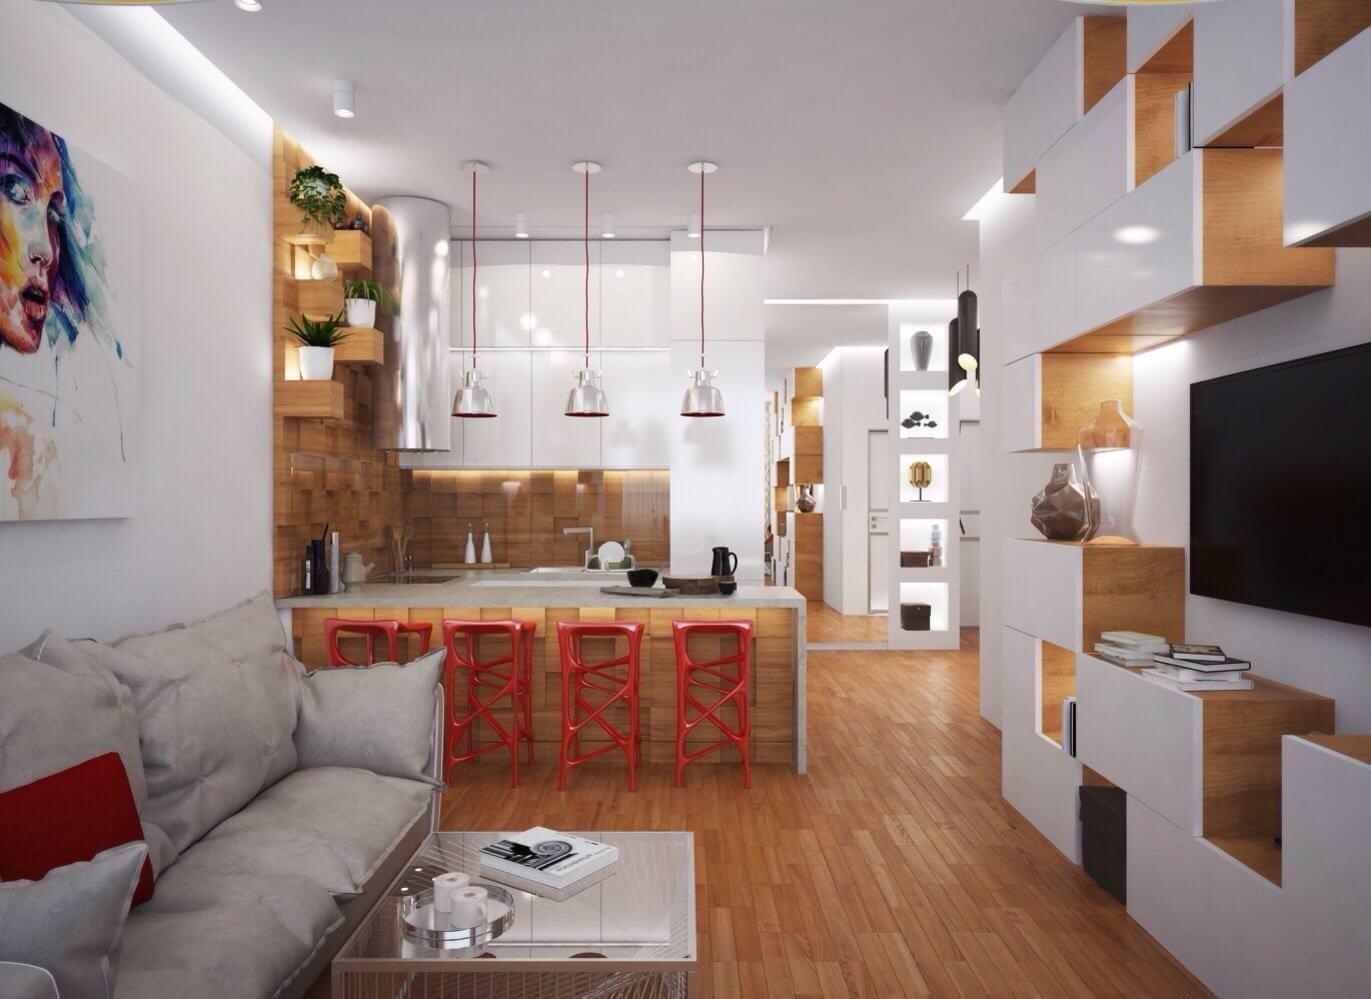 эко дизайн в квартире распашонке